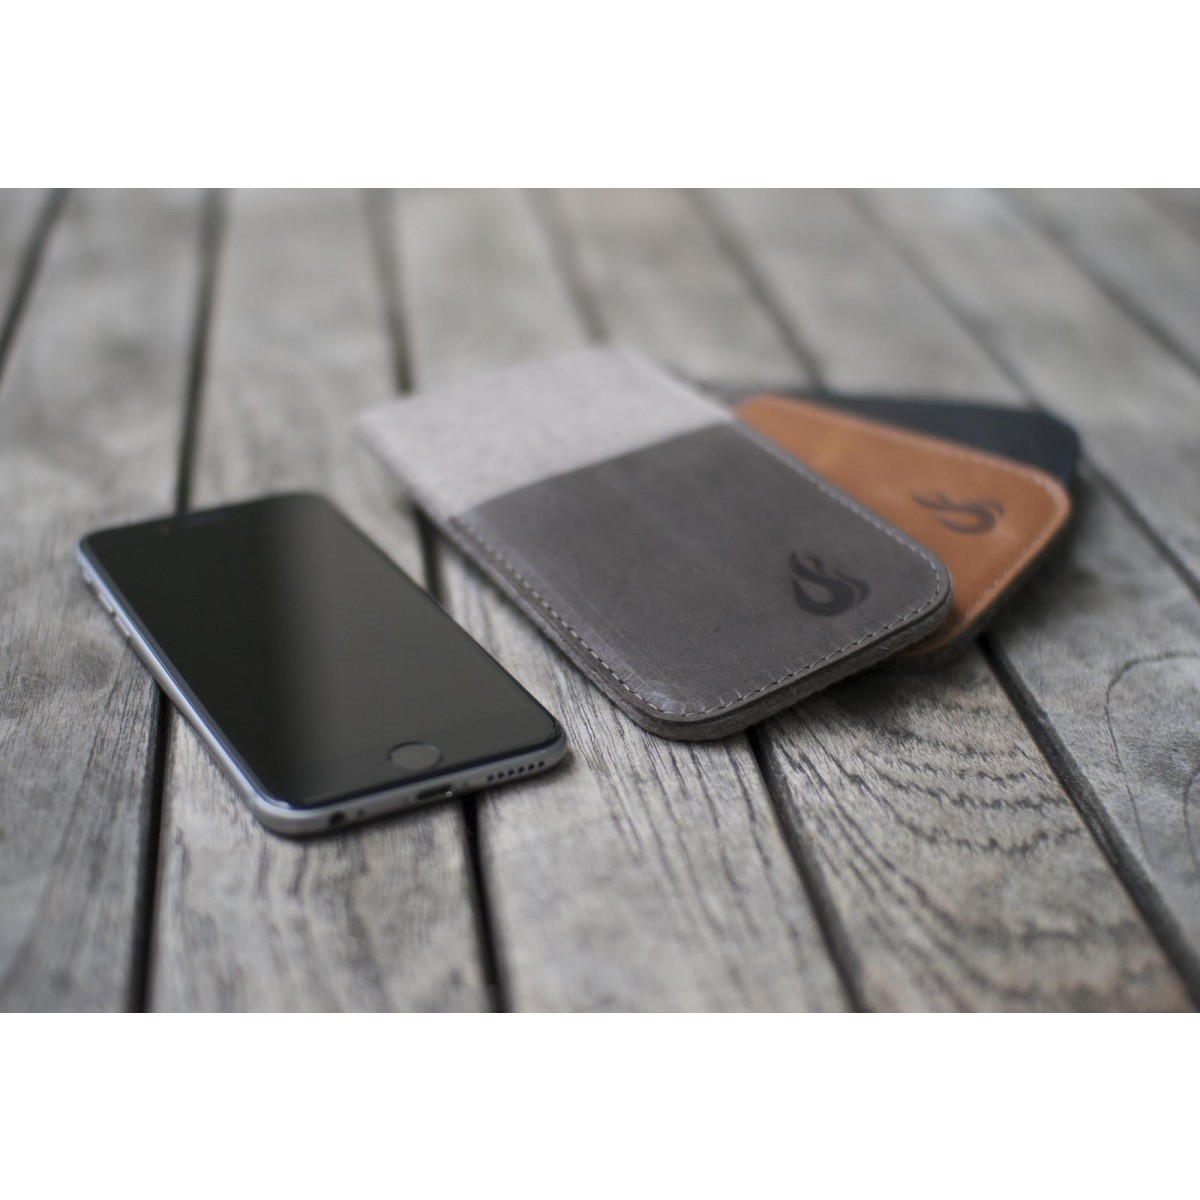 Hülle für iPhone X - pebble/darkbrown (Filz und Leder) - Burning Love